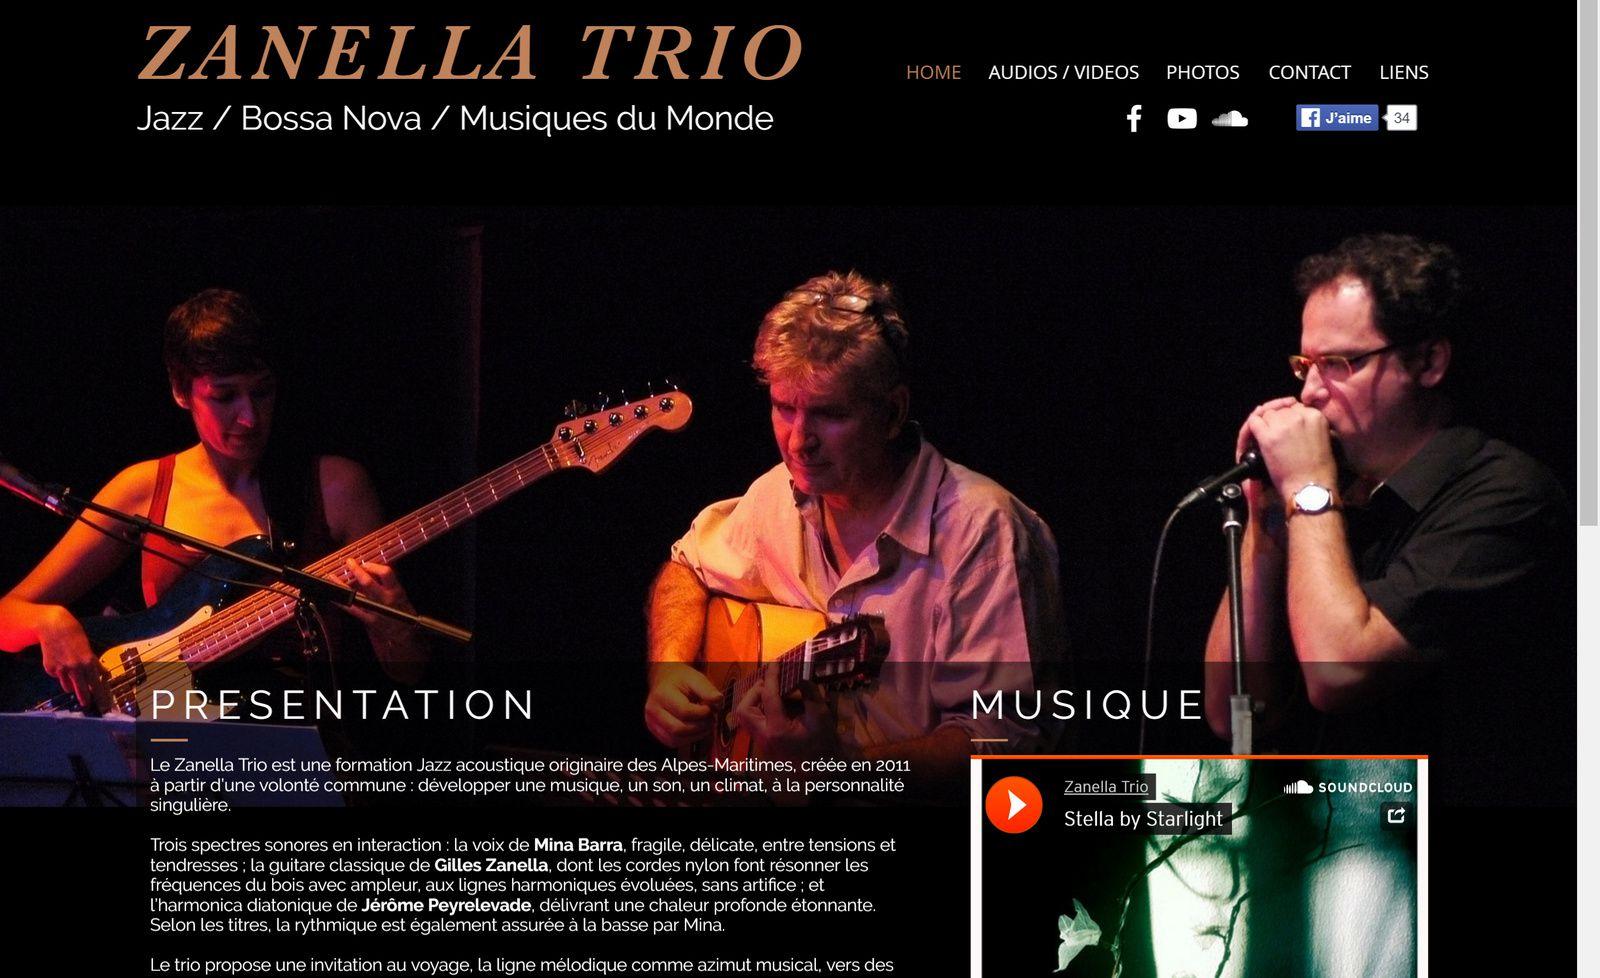 Site web du Zanella Trio